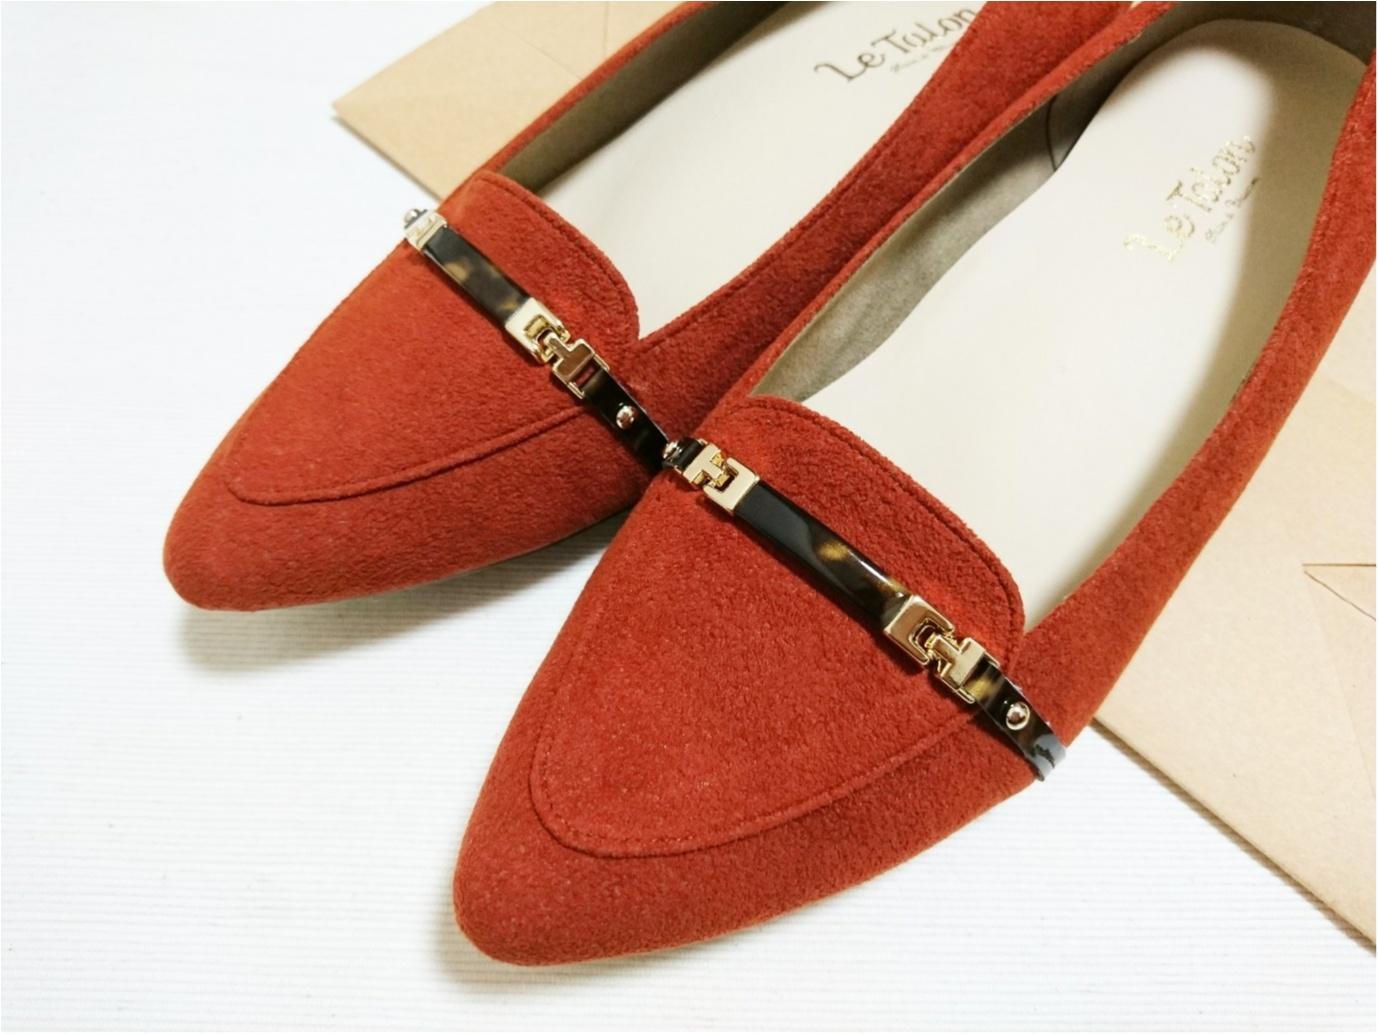 【ファッション】上品で女性らしいデザインに加え、幅広いサイズ展開が魅力 ! 『Le Tolon (ルタロン) 』のお気に入りシューズ♪_1